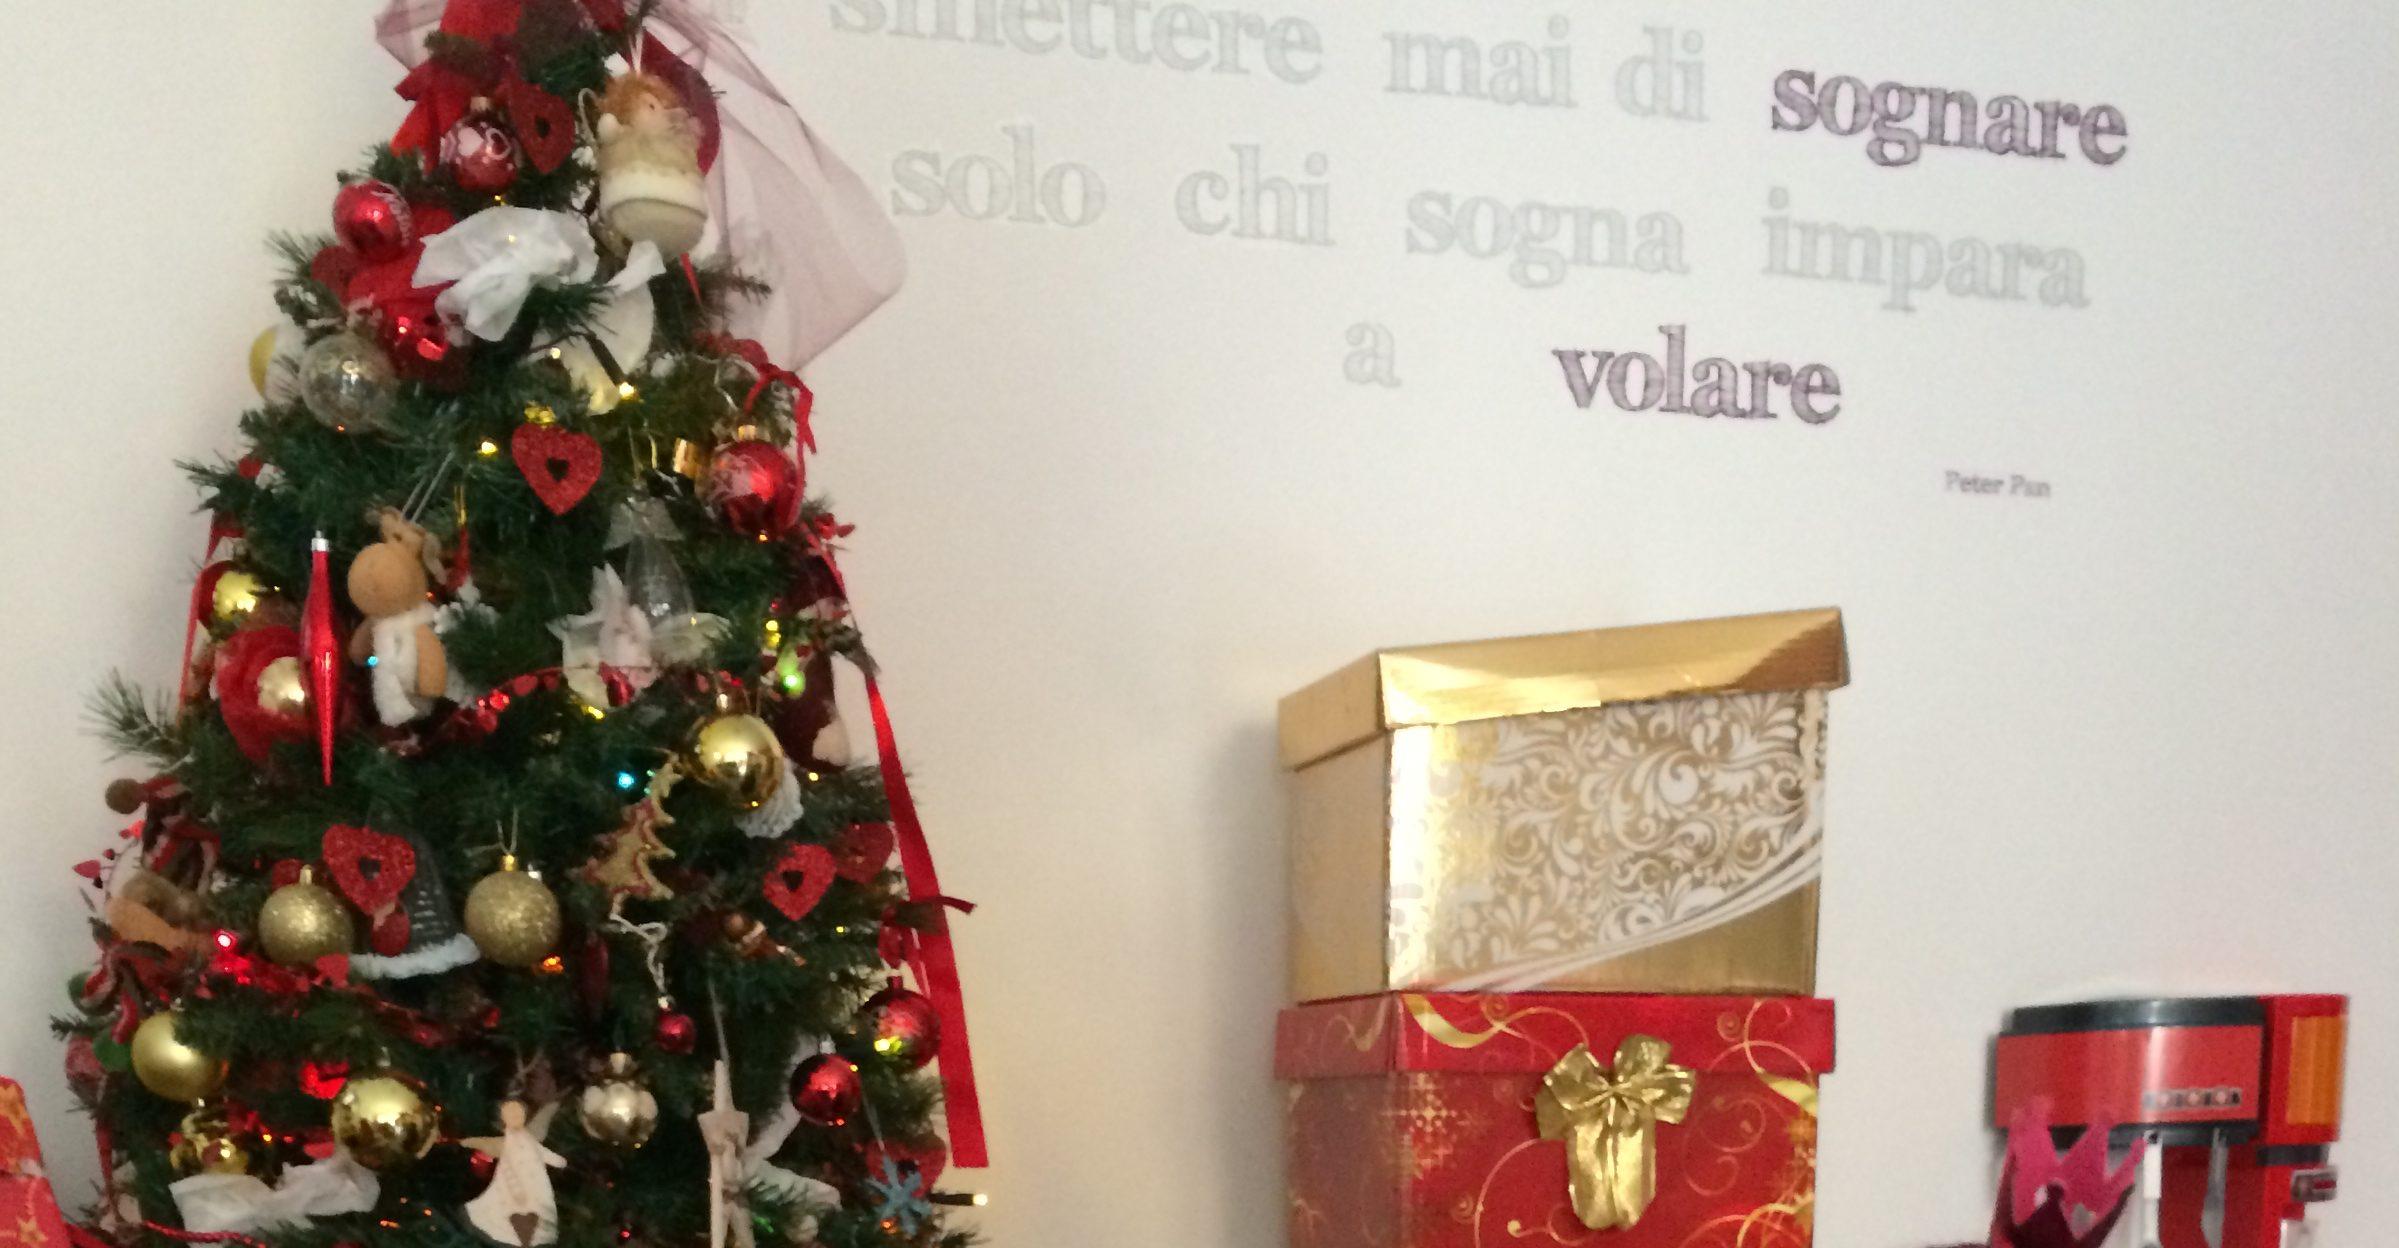 Natale e malinconia